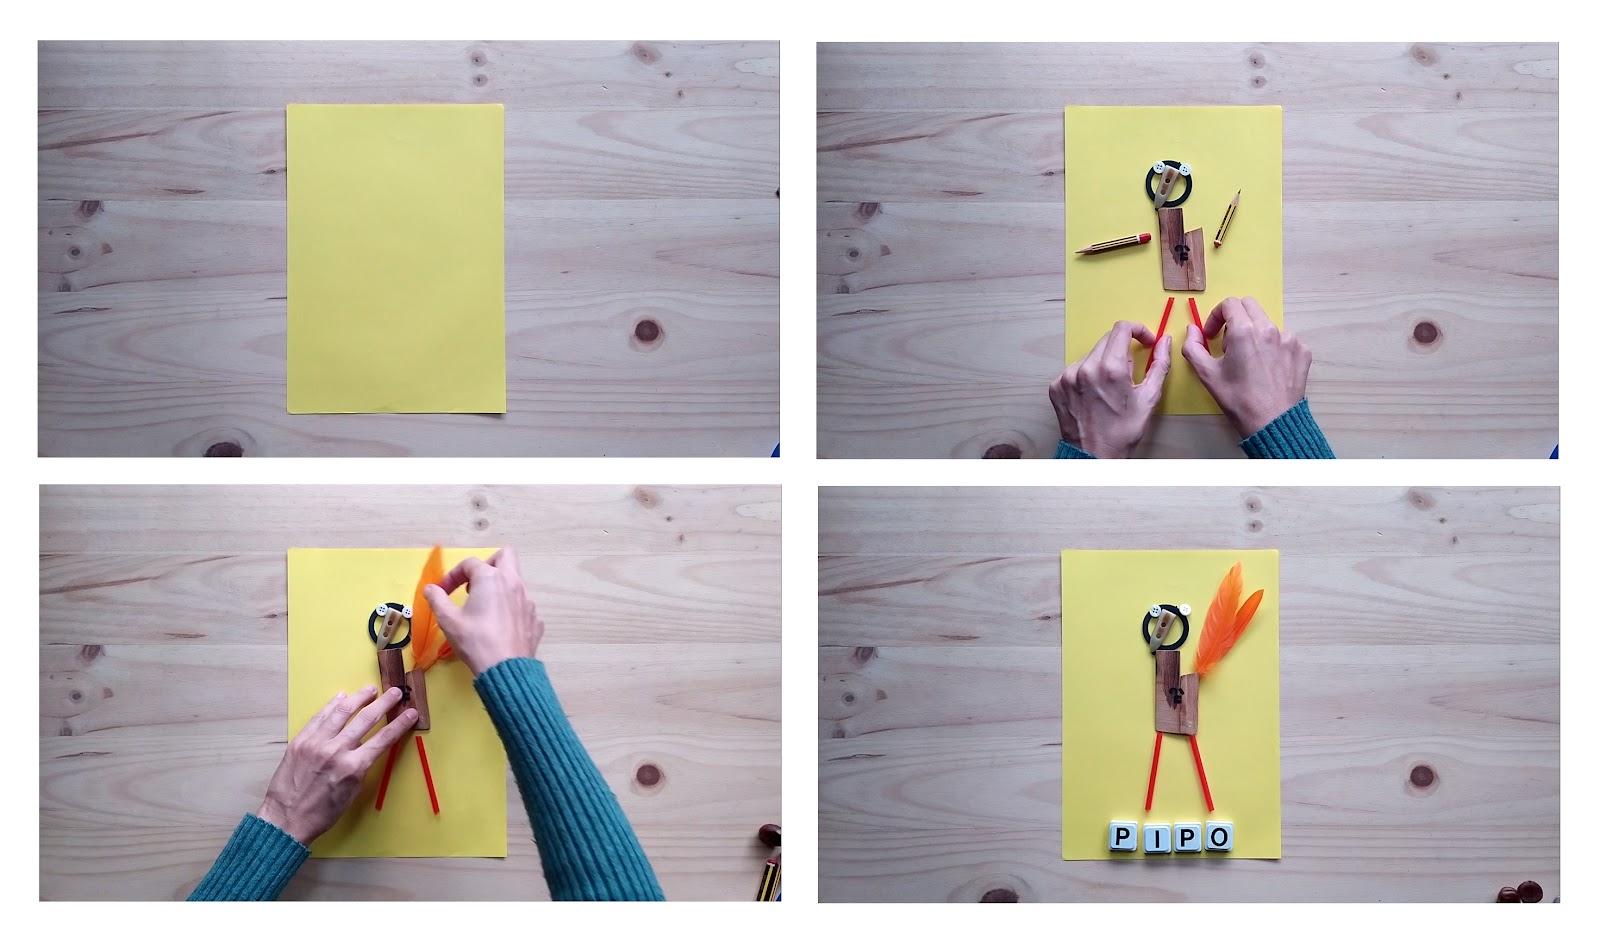 Laboratorio de arte con objetos cotidianos